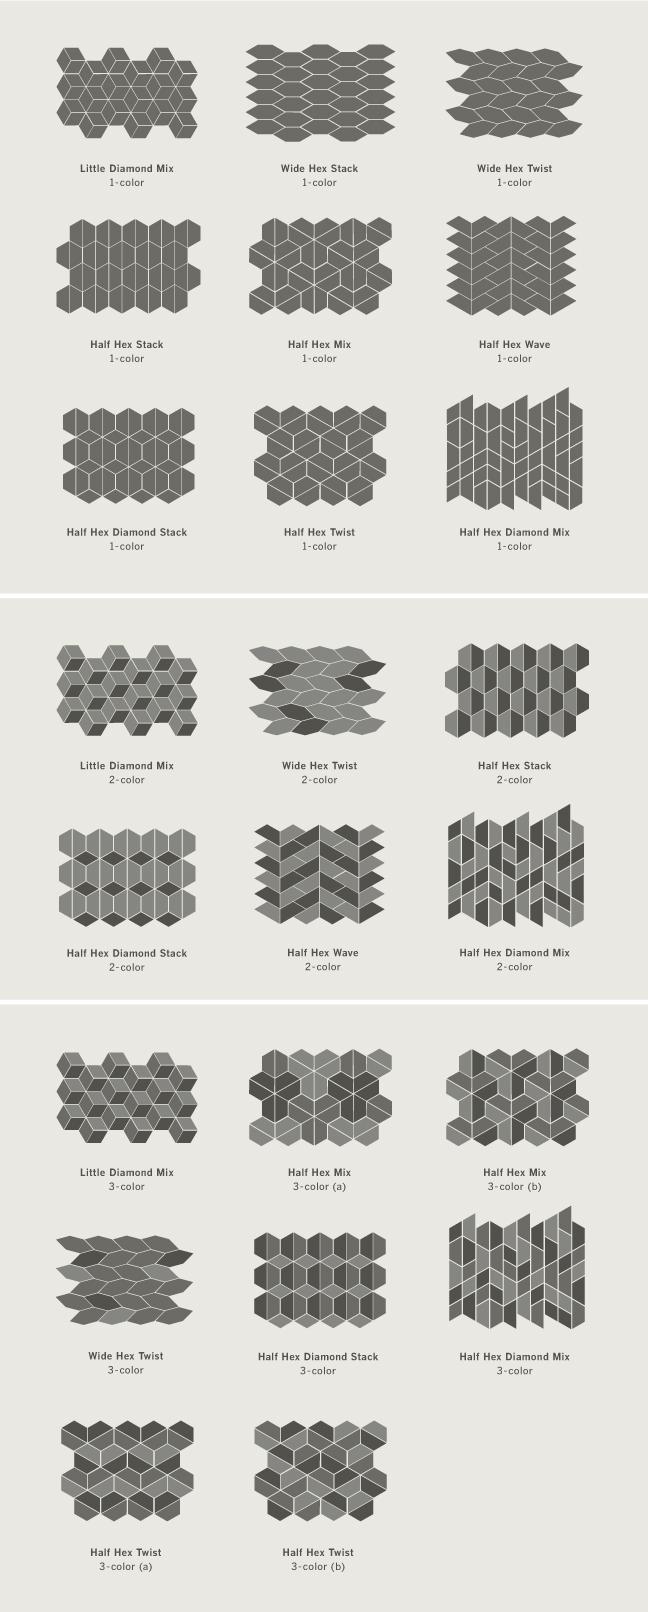 dwell-patterns-made-to-order_02.jpg